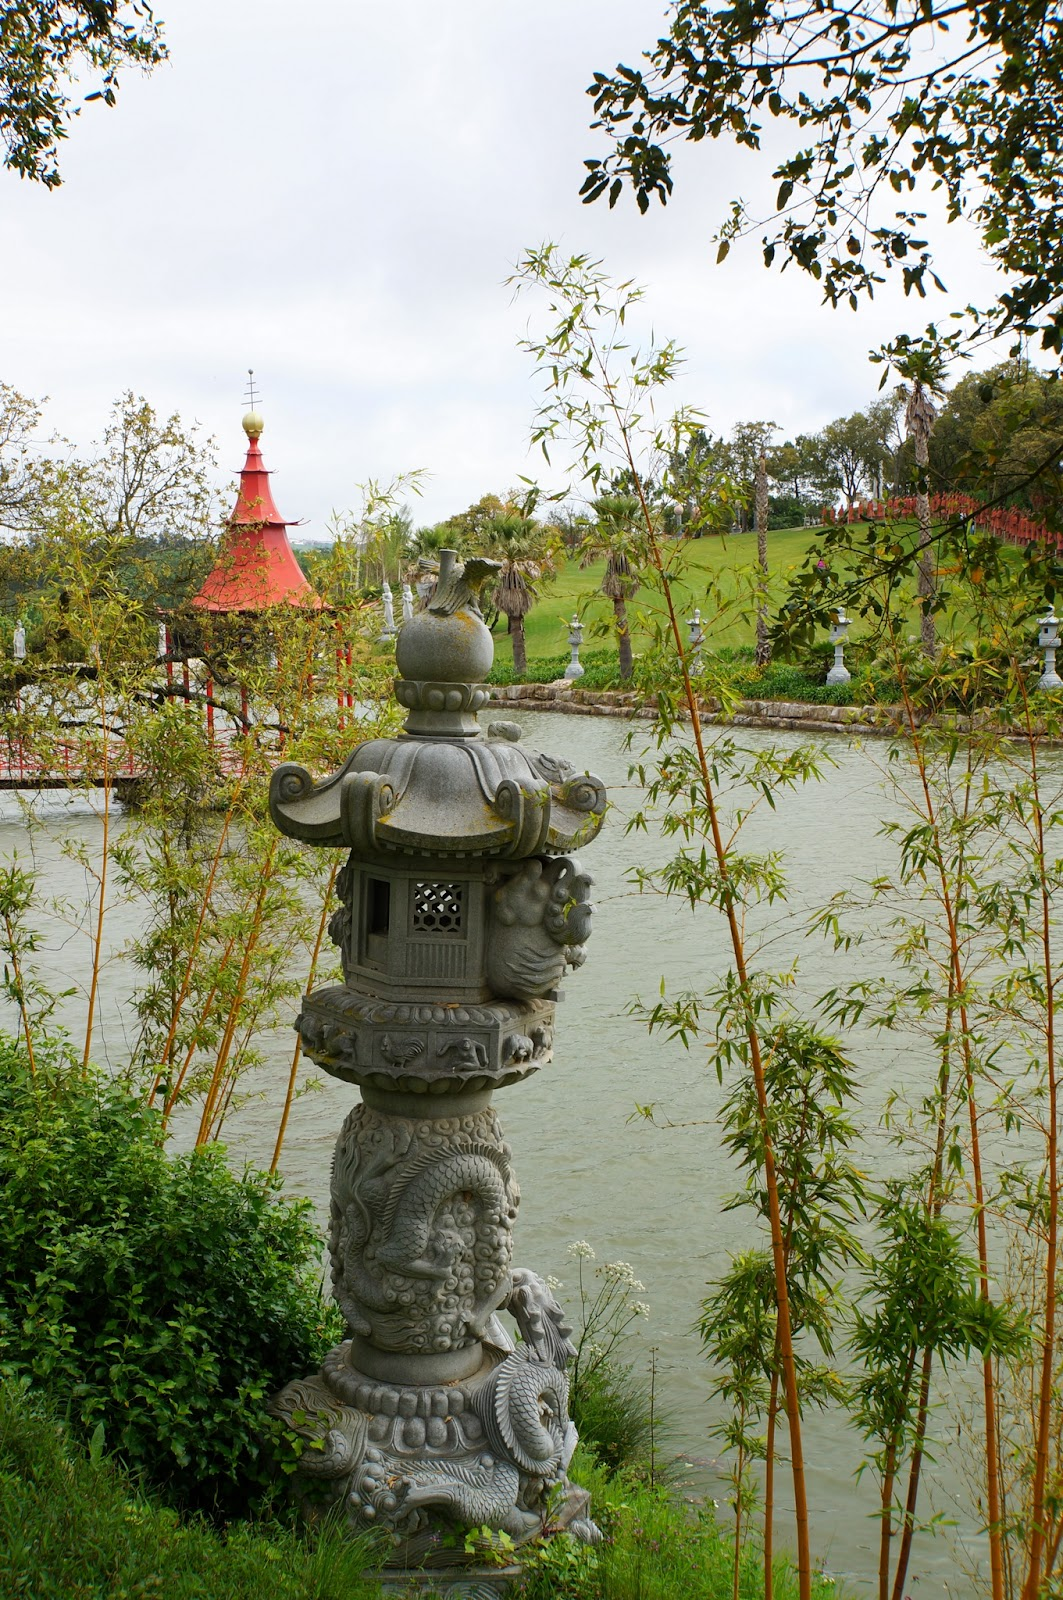 Buddha Eden - Quinta dos Loridos - Carvalhal - Portugal